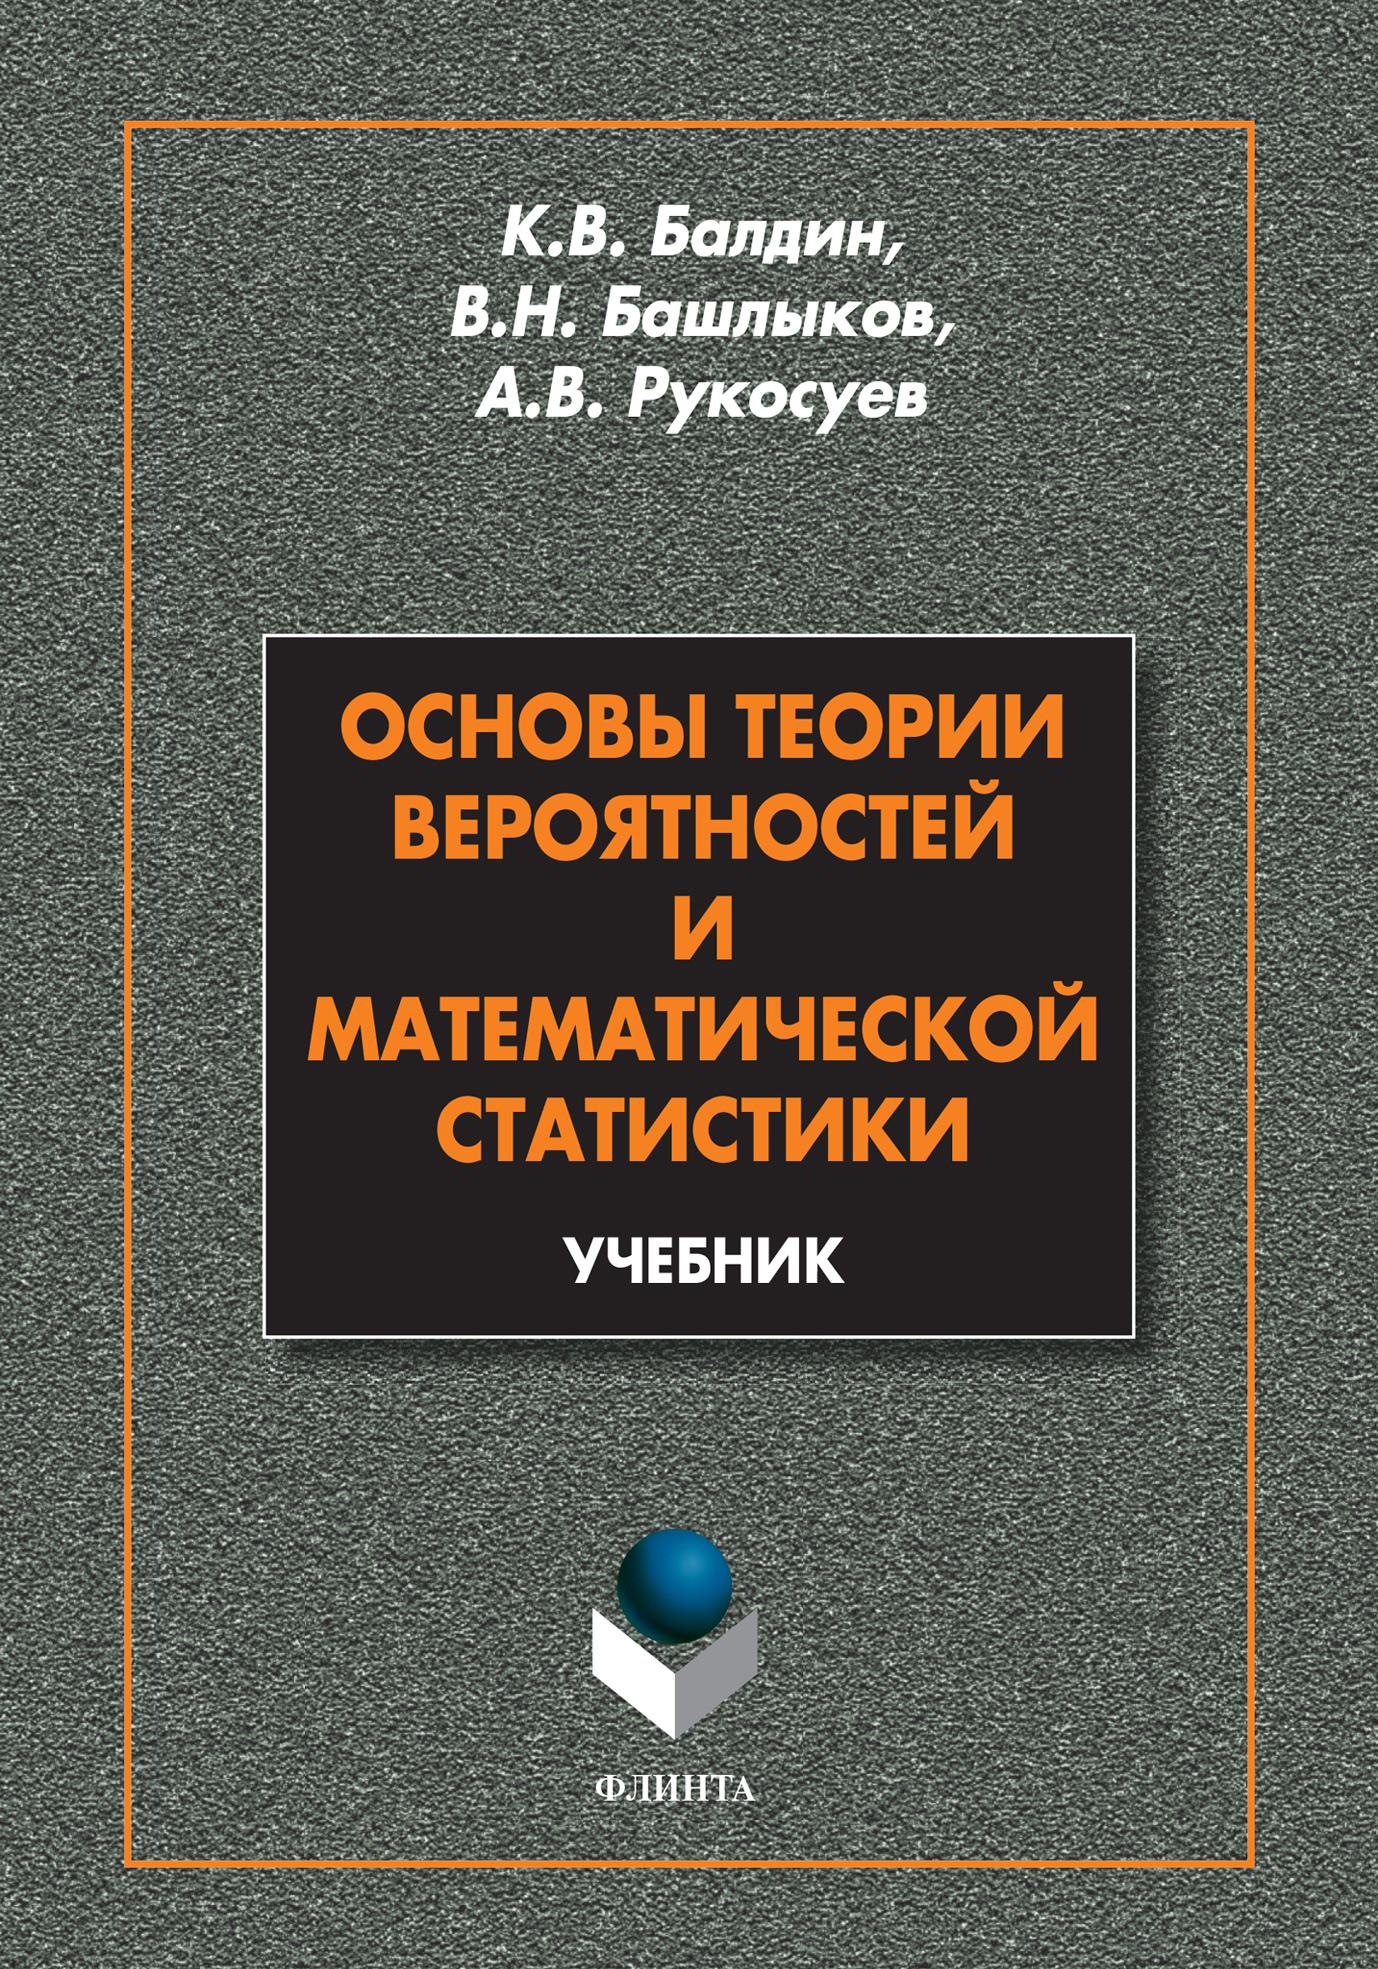 А. В. Рукосуев Основы теории вероятностей и математической статистики. Учебник краткий курс теории вероятностей и математической статистики